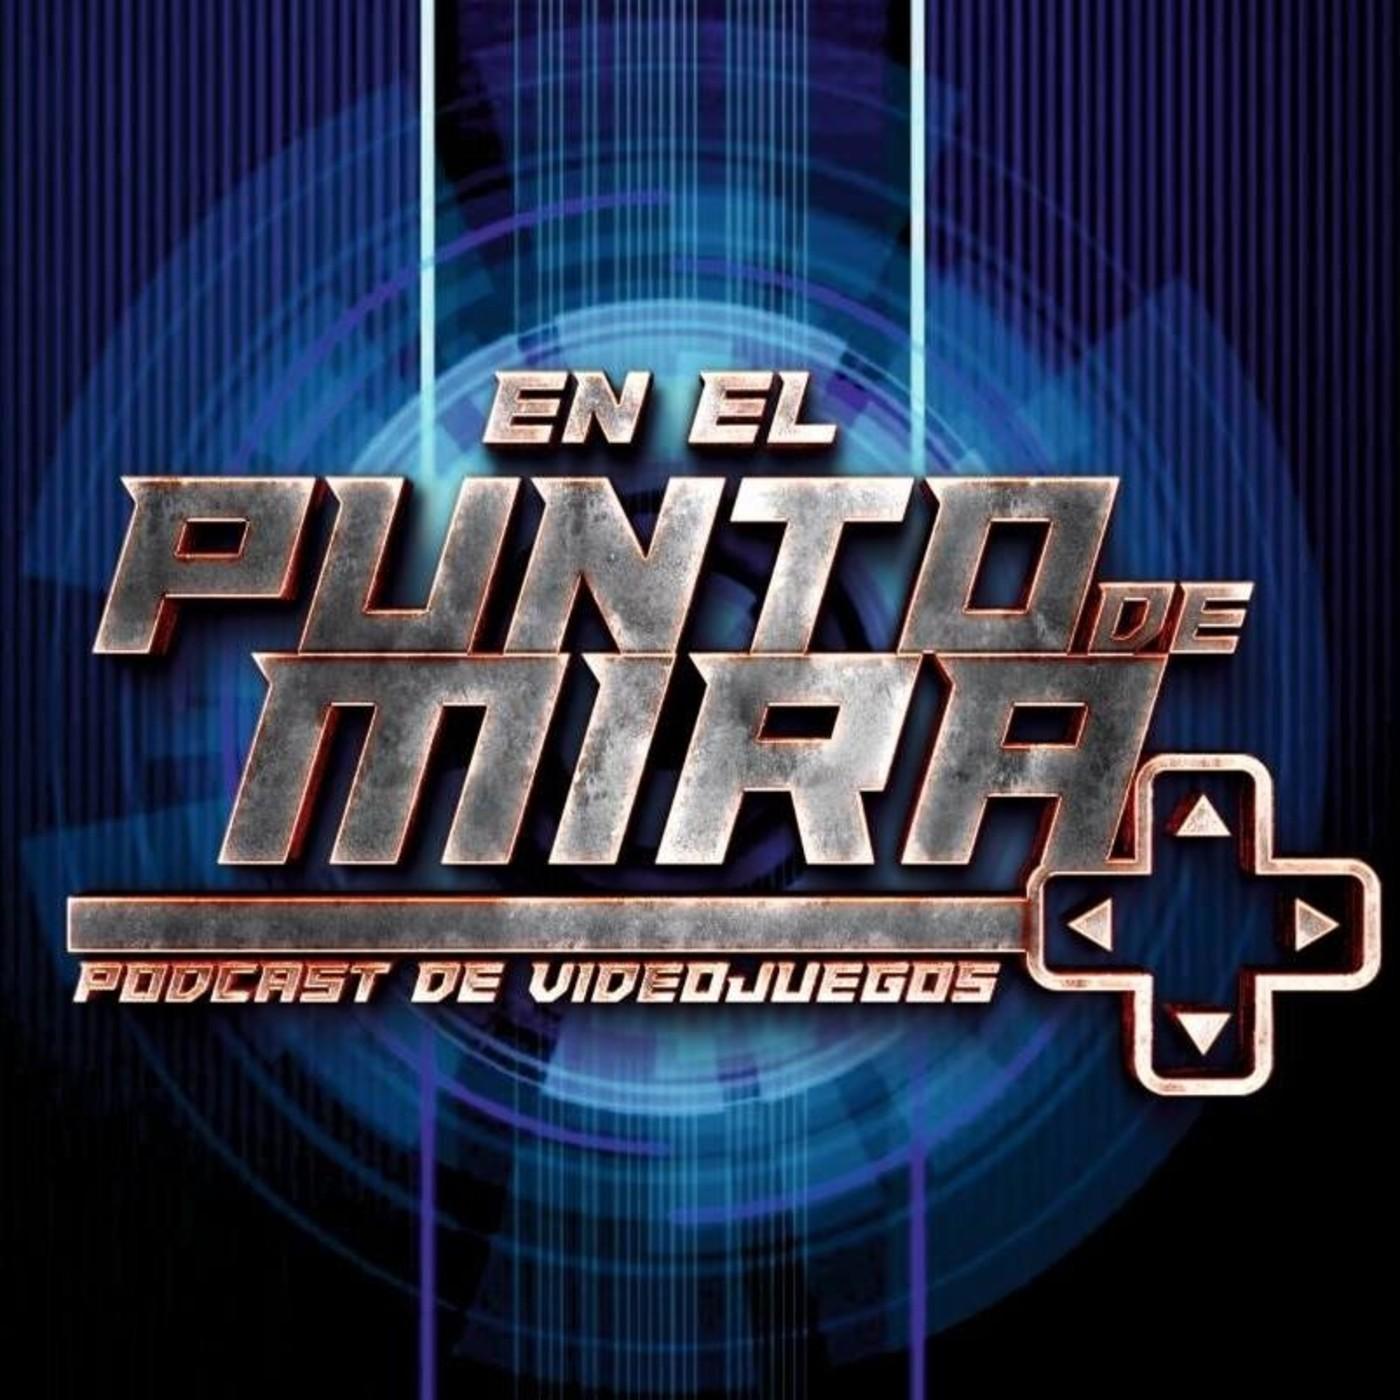 EN EL PUNTO DE MIRA - THE ORDER 1886 y NEW 3Ds - 1ªPARTE - 01-03-2015 - 2x10 - [PODCAST]